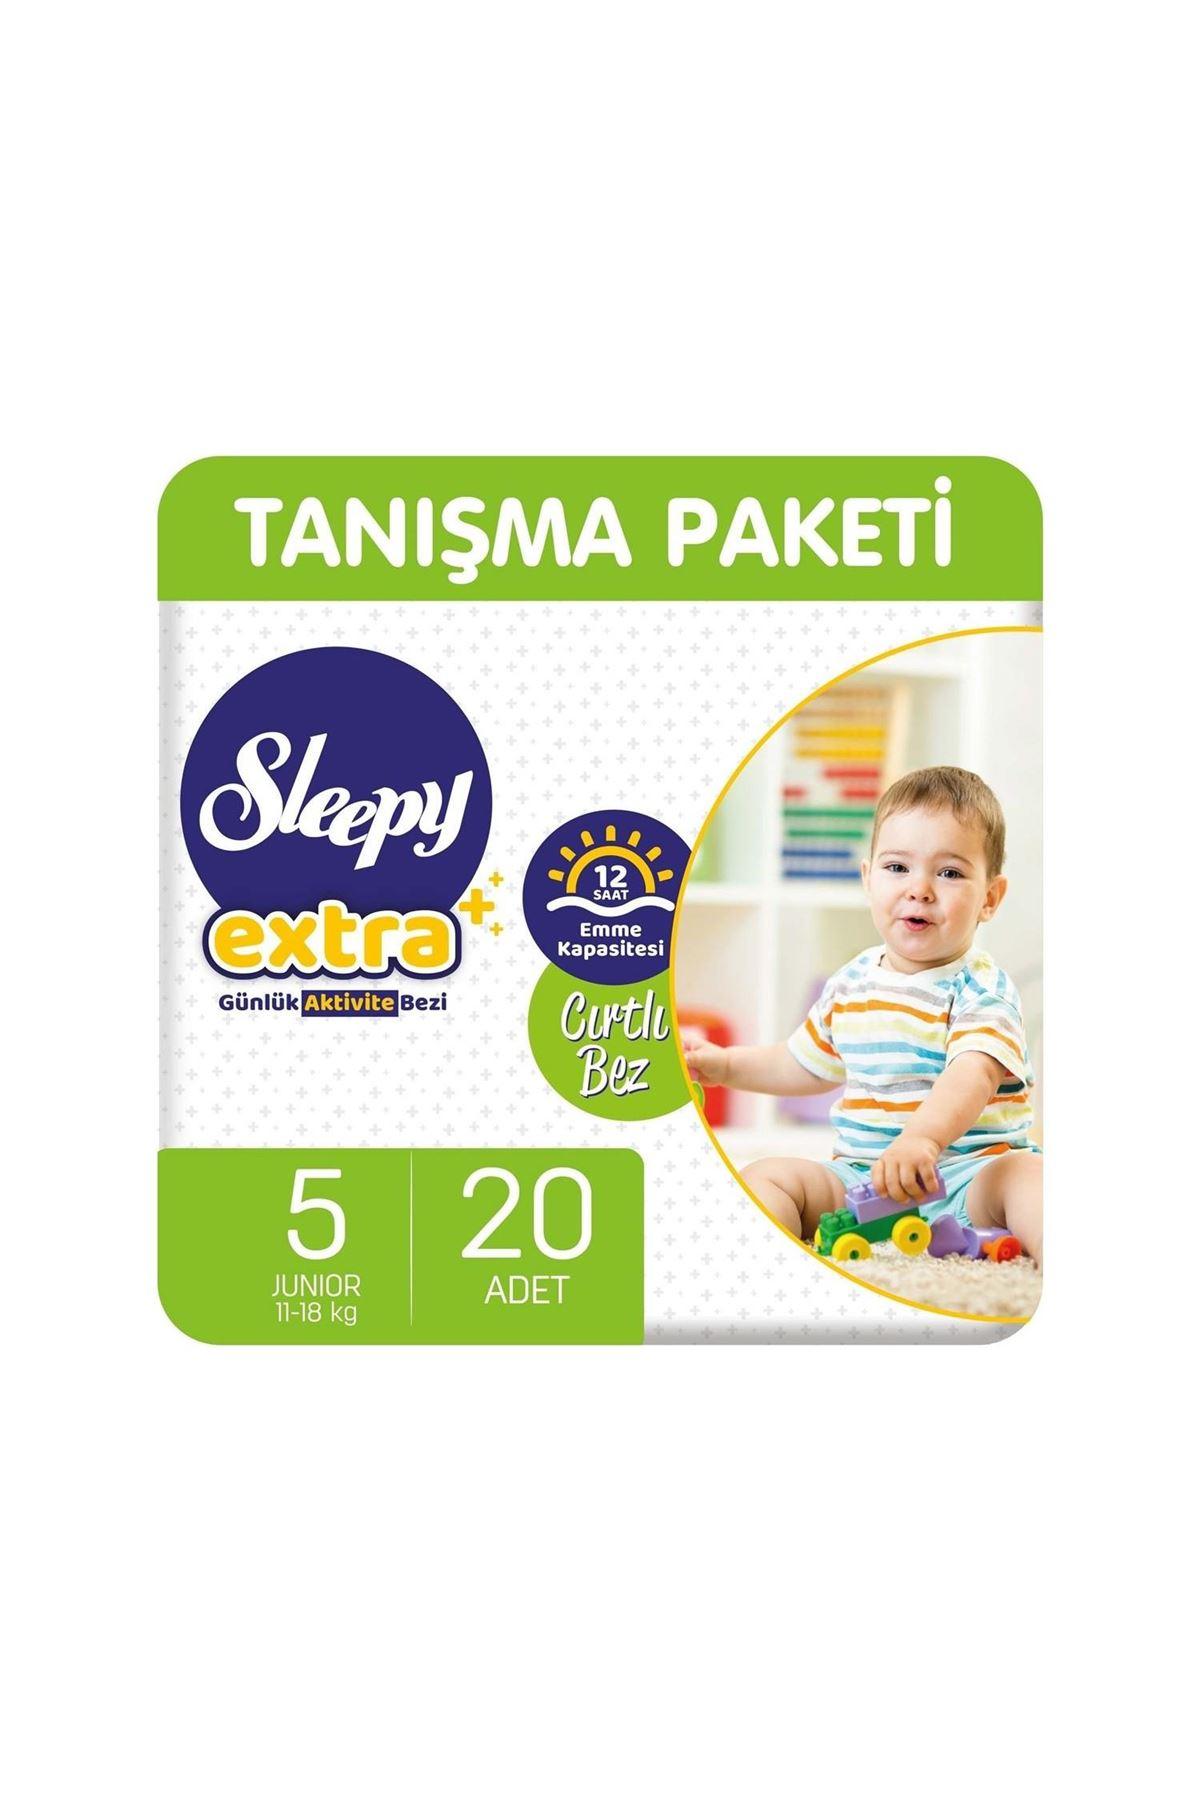 Sleepy Extra Günlük Aktivite Bebek Bezi 5 Beden 11-18 Kg 20 Adet